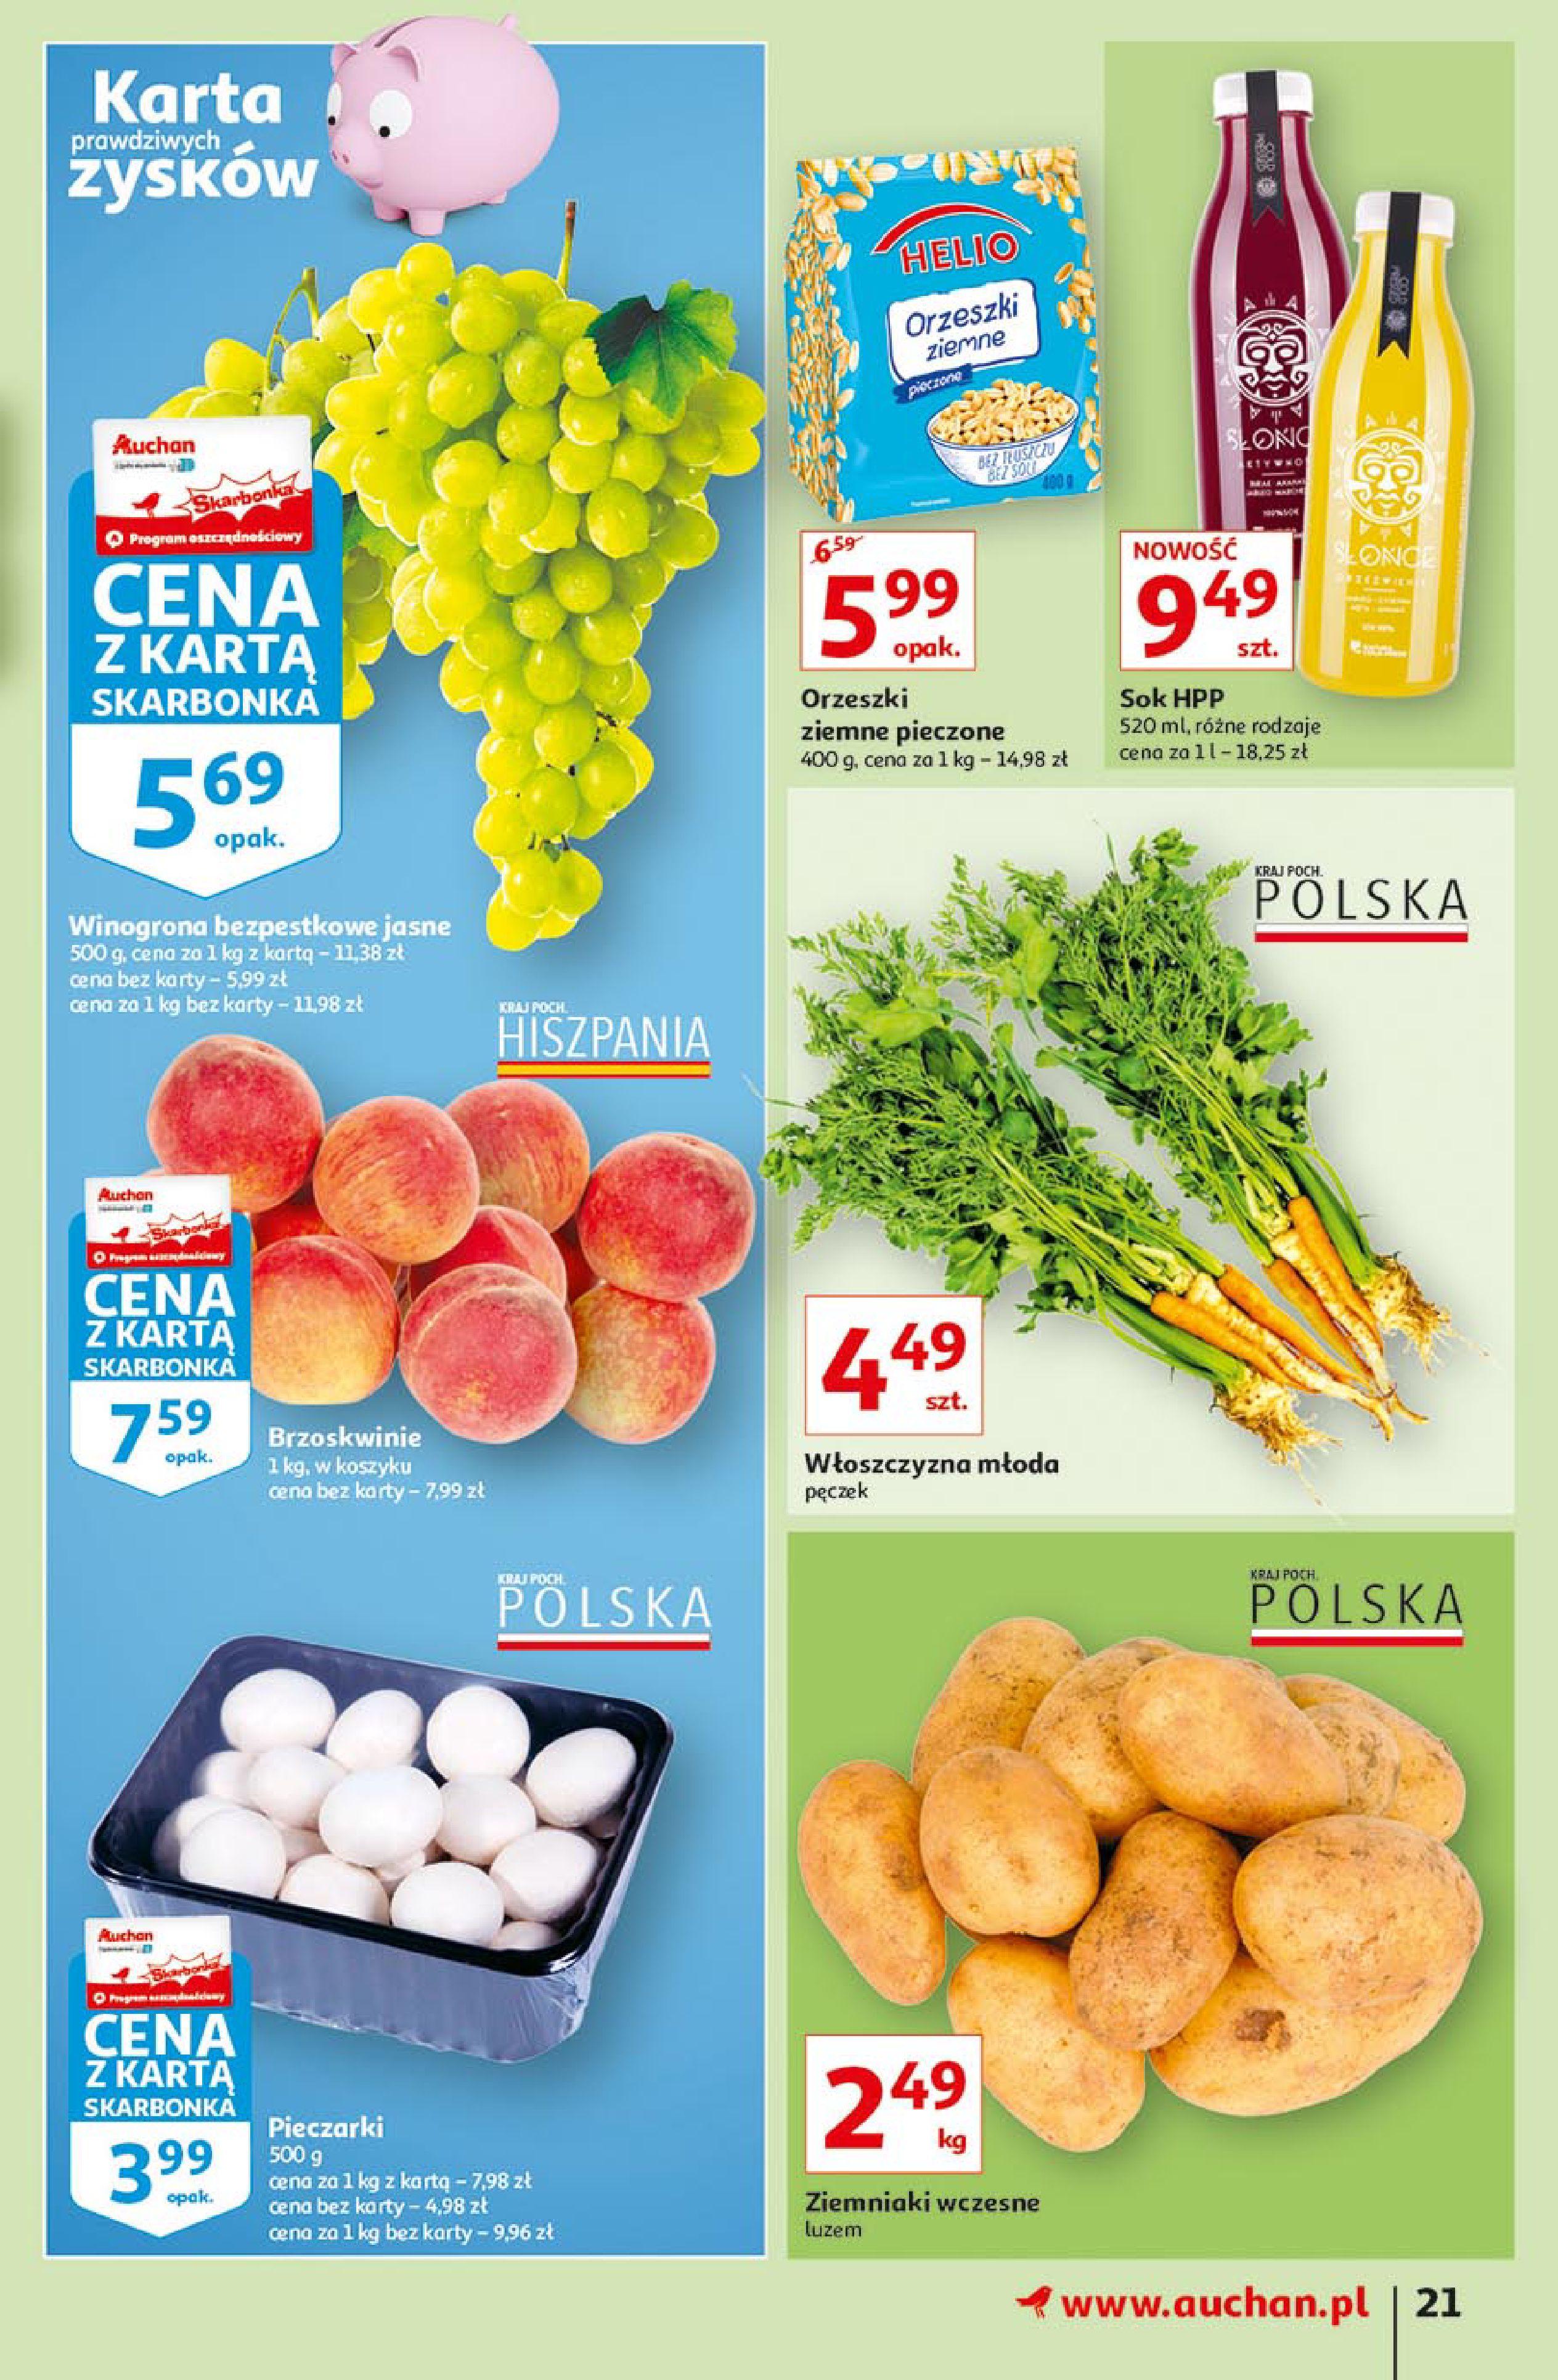 Gazetka Auchan: Gazetka Auchan - Euro 2020 2021-06-10 page-21